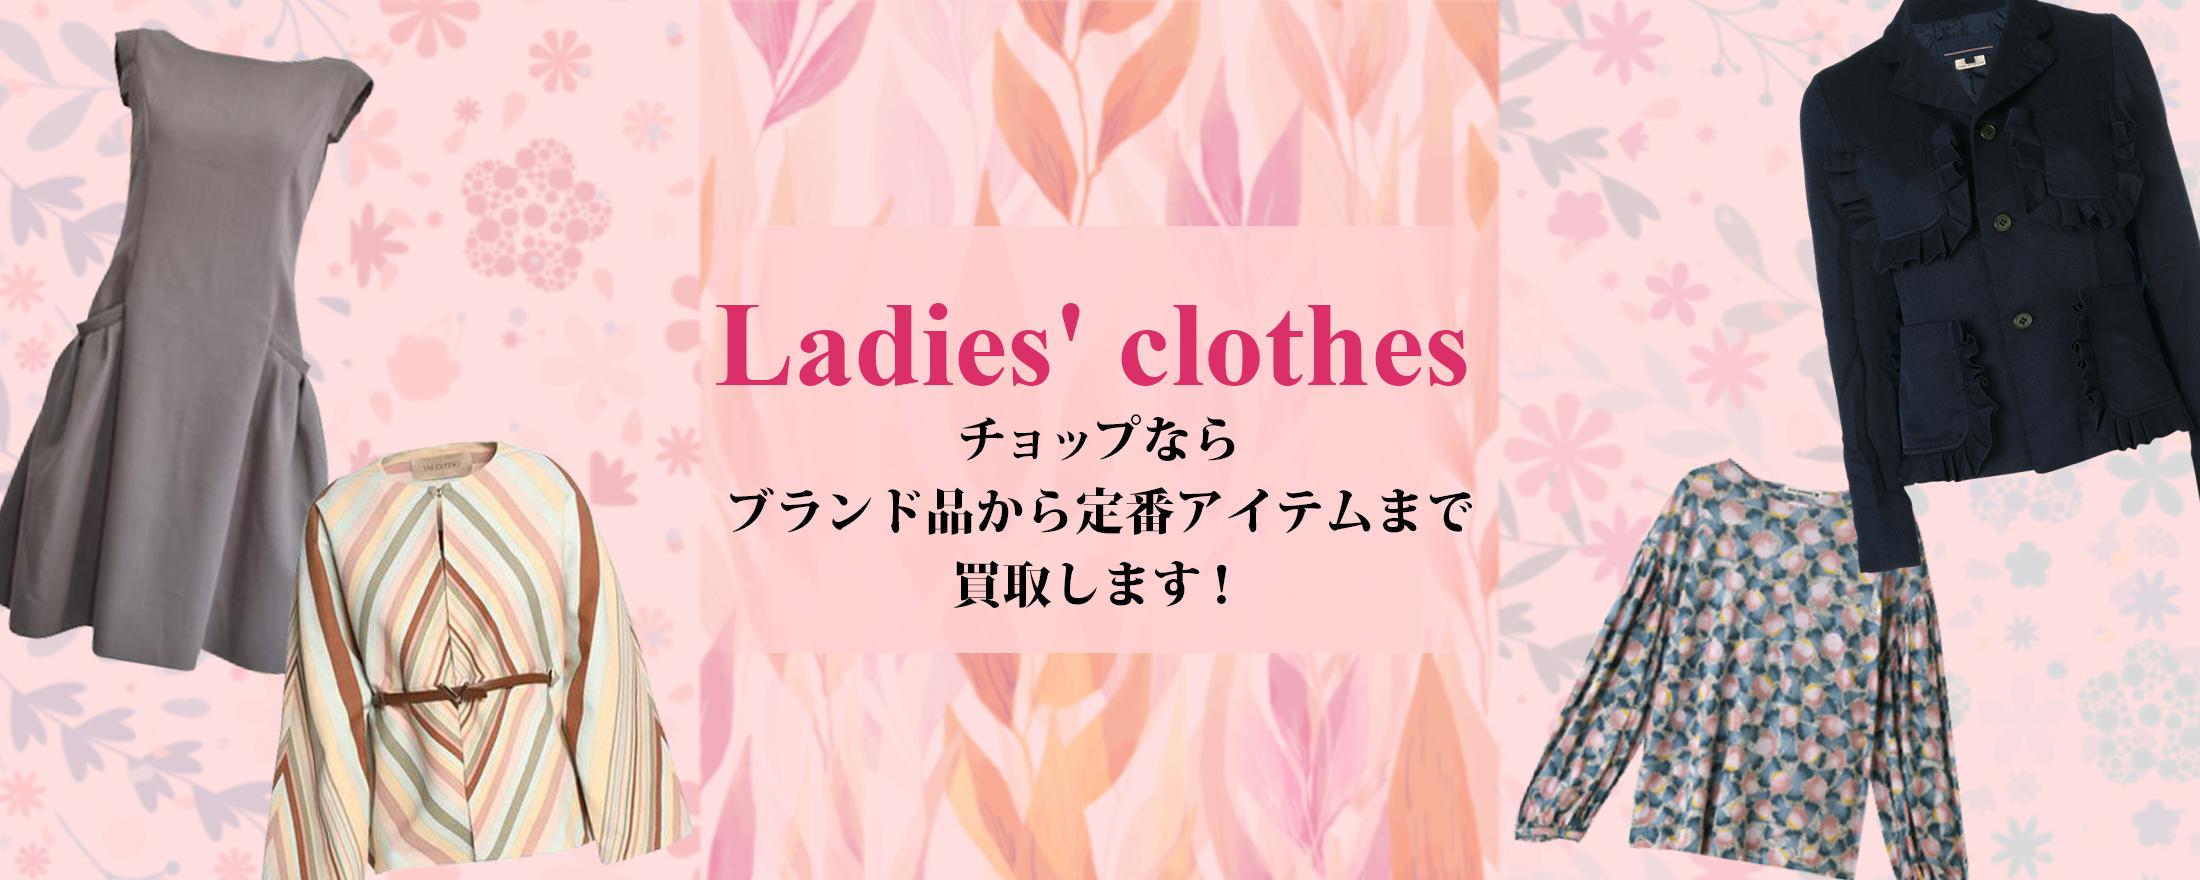 買取チョップ/レディース/衣類の買取画像